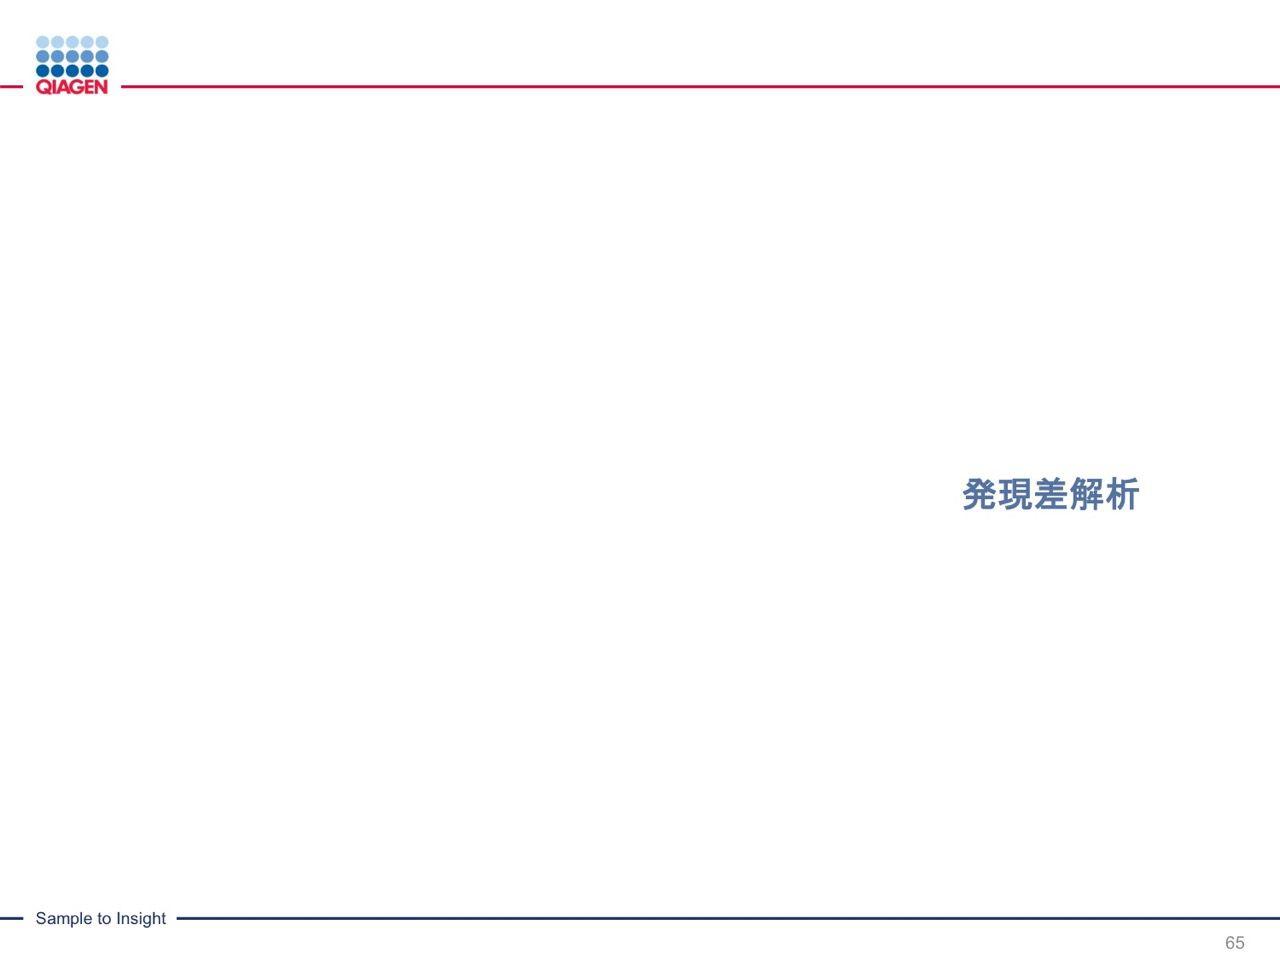 images/AJACSa2_miyamoto_065.jpg